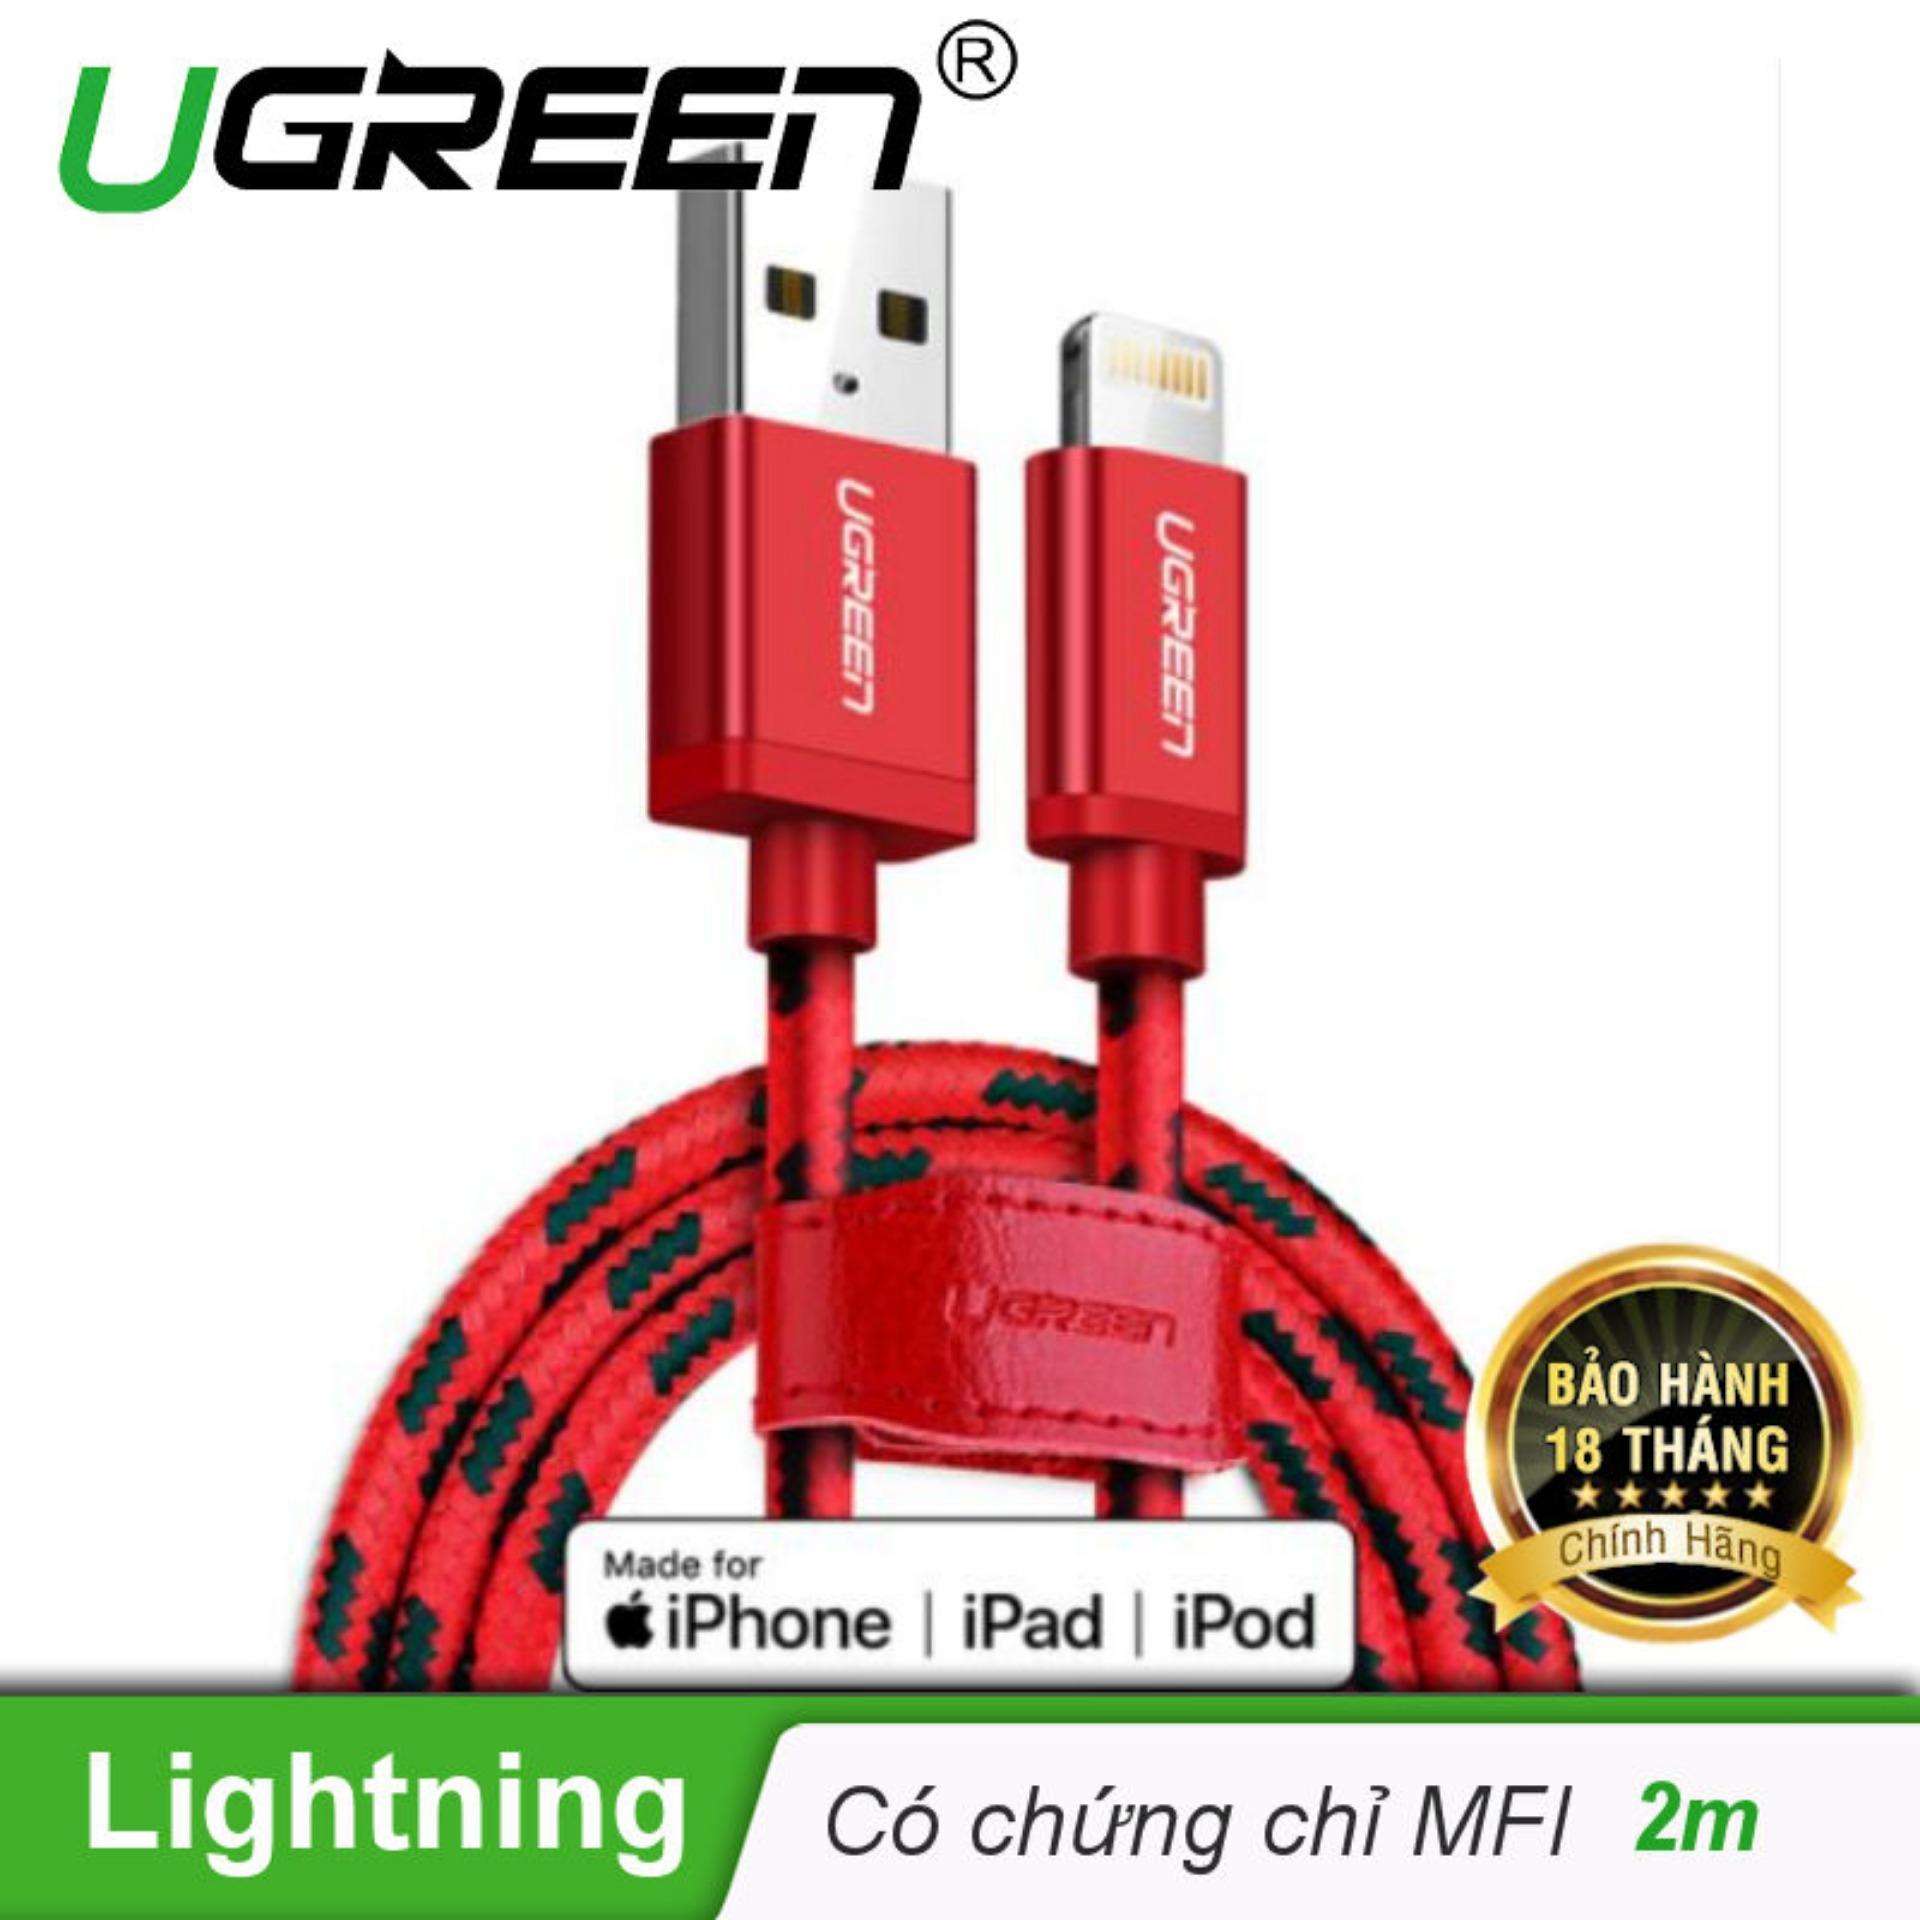 Bán Mua Day Usb 2 Sang Usb Lighting Vỏ Bọc Lưới Chuẩn Mfi Apple Dai 2M Ugreen Us247 40481 Hang Phan Phối Chinh Thức